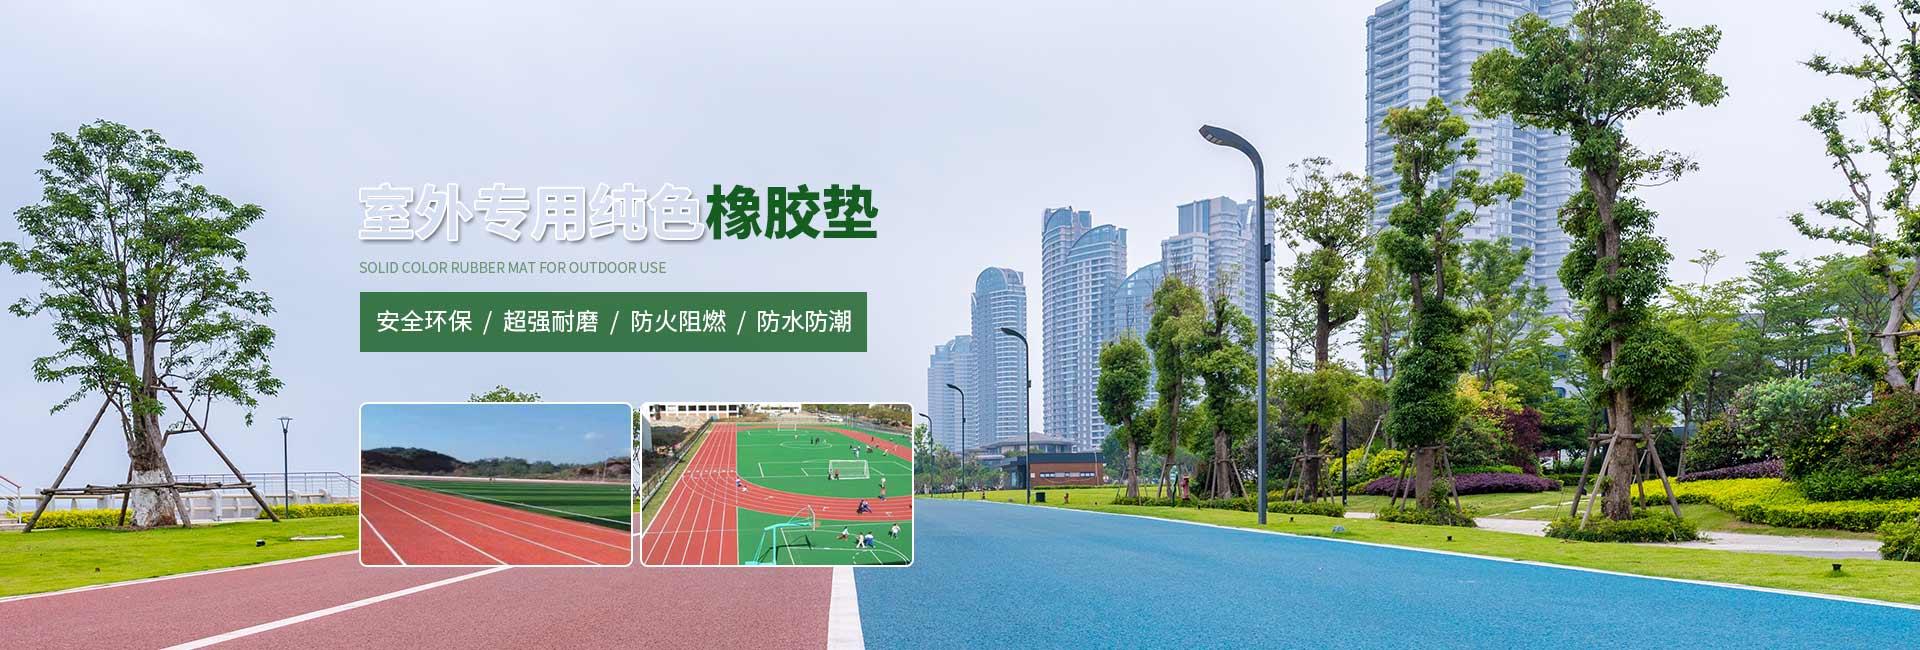 体育运动使用塑胶跑道材料的好处